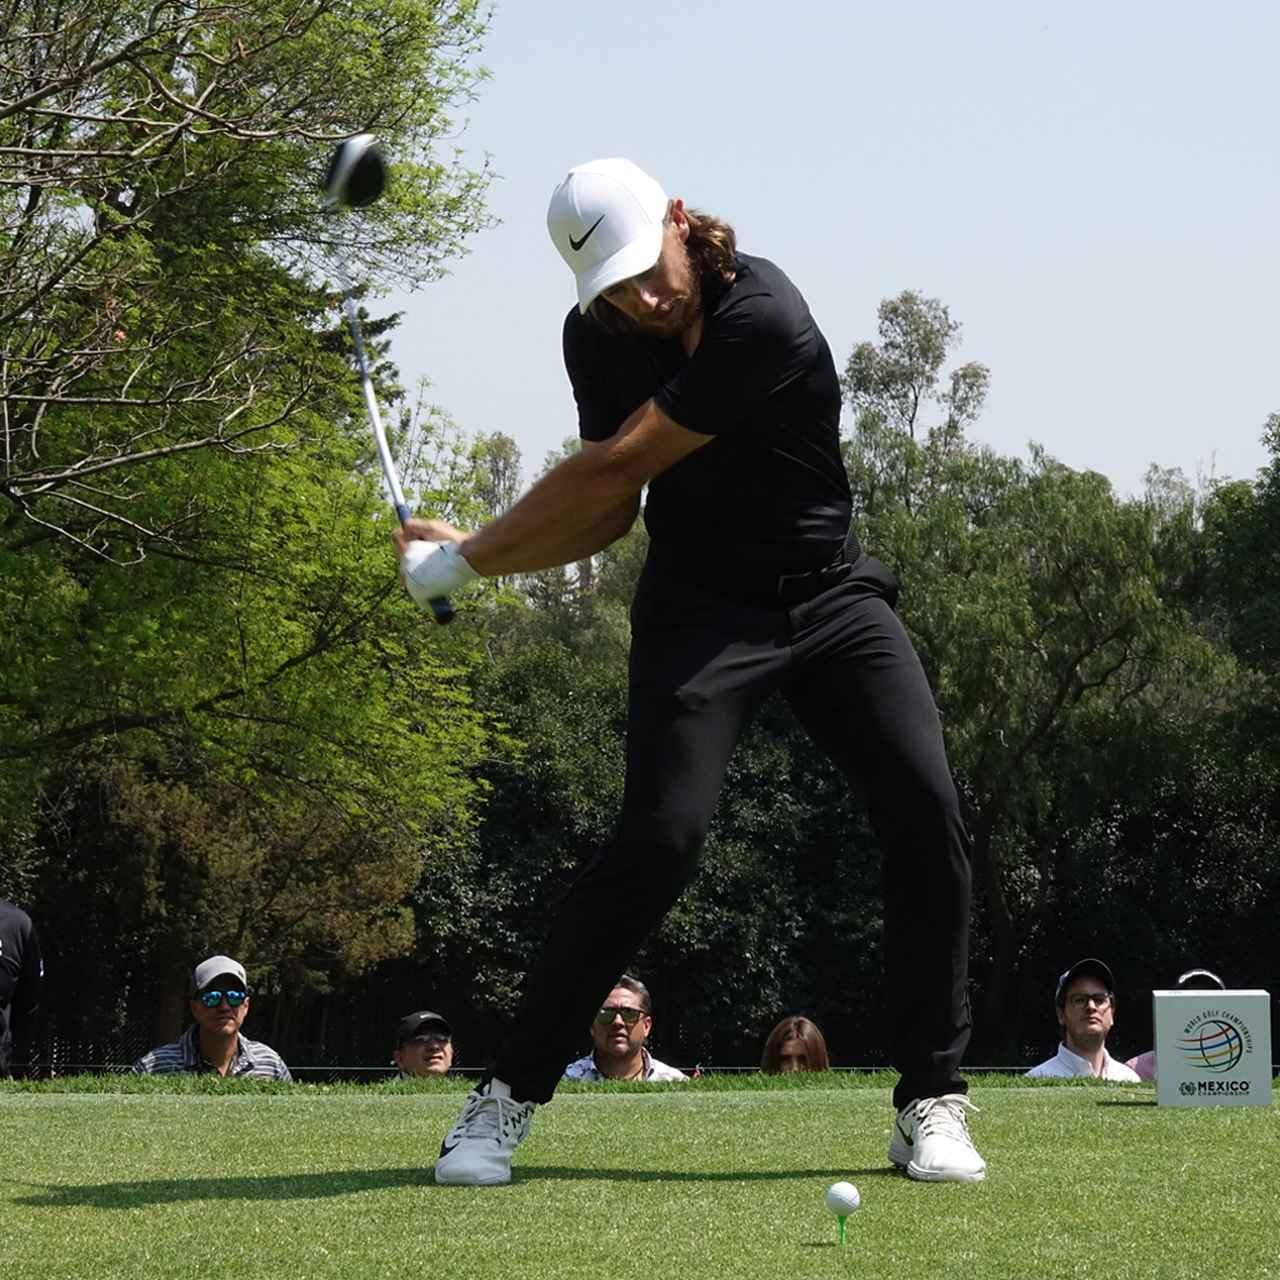 画像: 右ひじを絞り、肩を縦に動かす準備